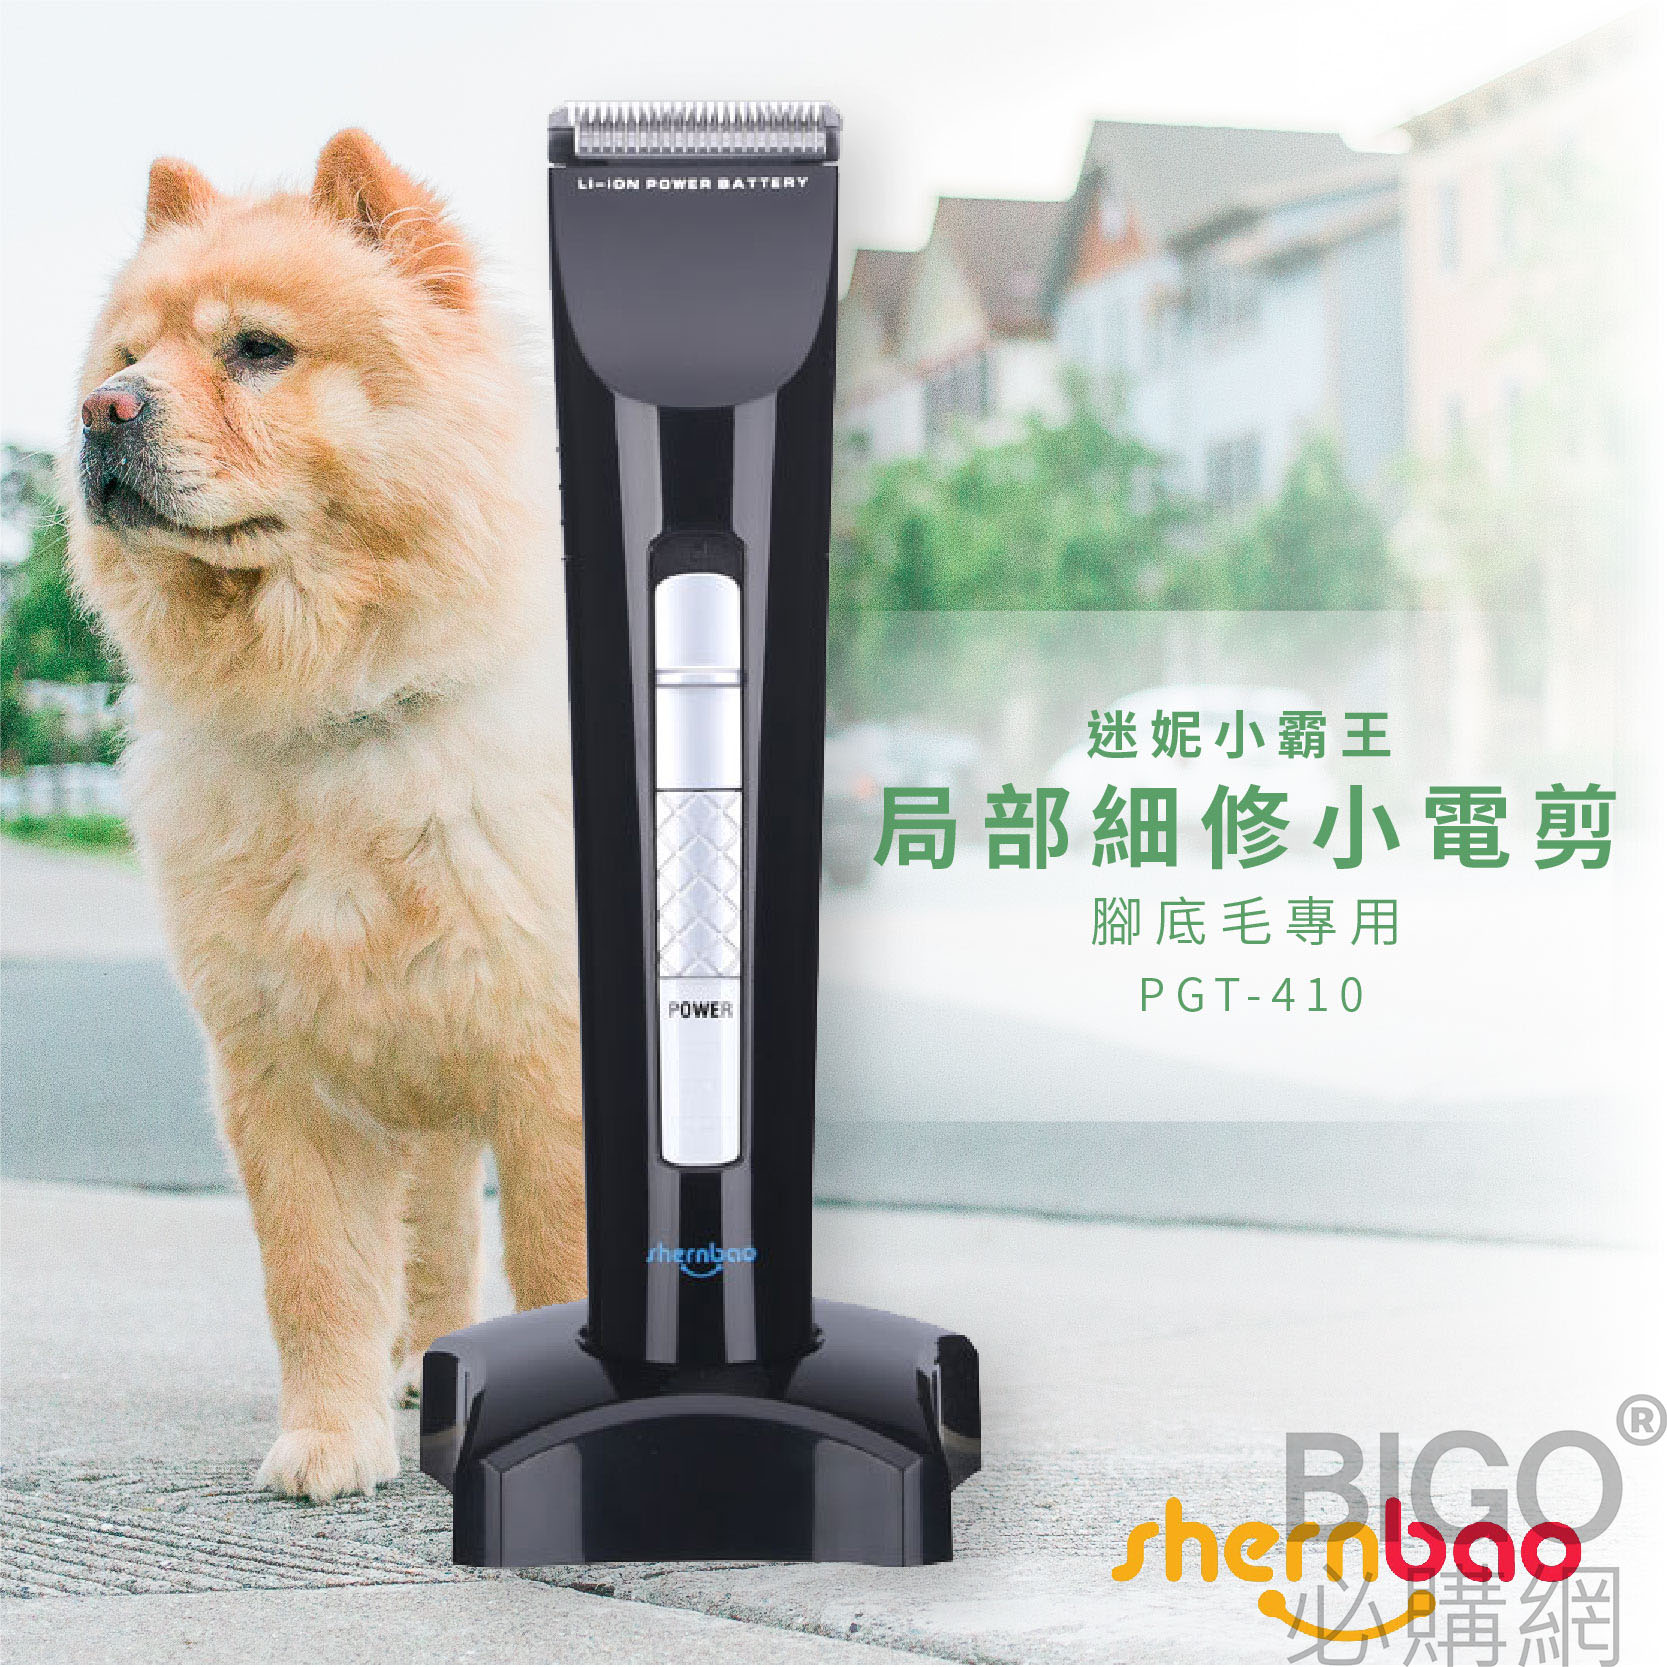 牠的型👉你行 PGT-410 迷妮小霸王 局部修剪小電剪 腳底毛專用 臉部 寵物修毛 寵物剃毛 寵物用品 寵物美容